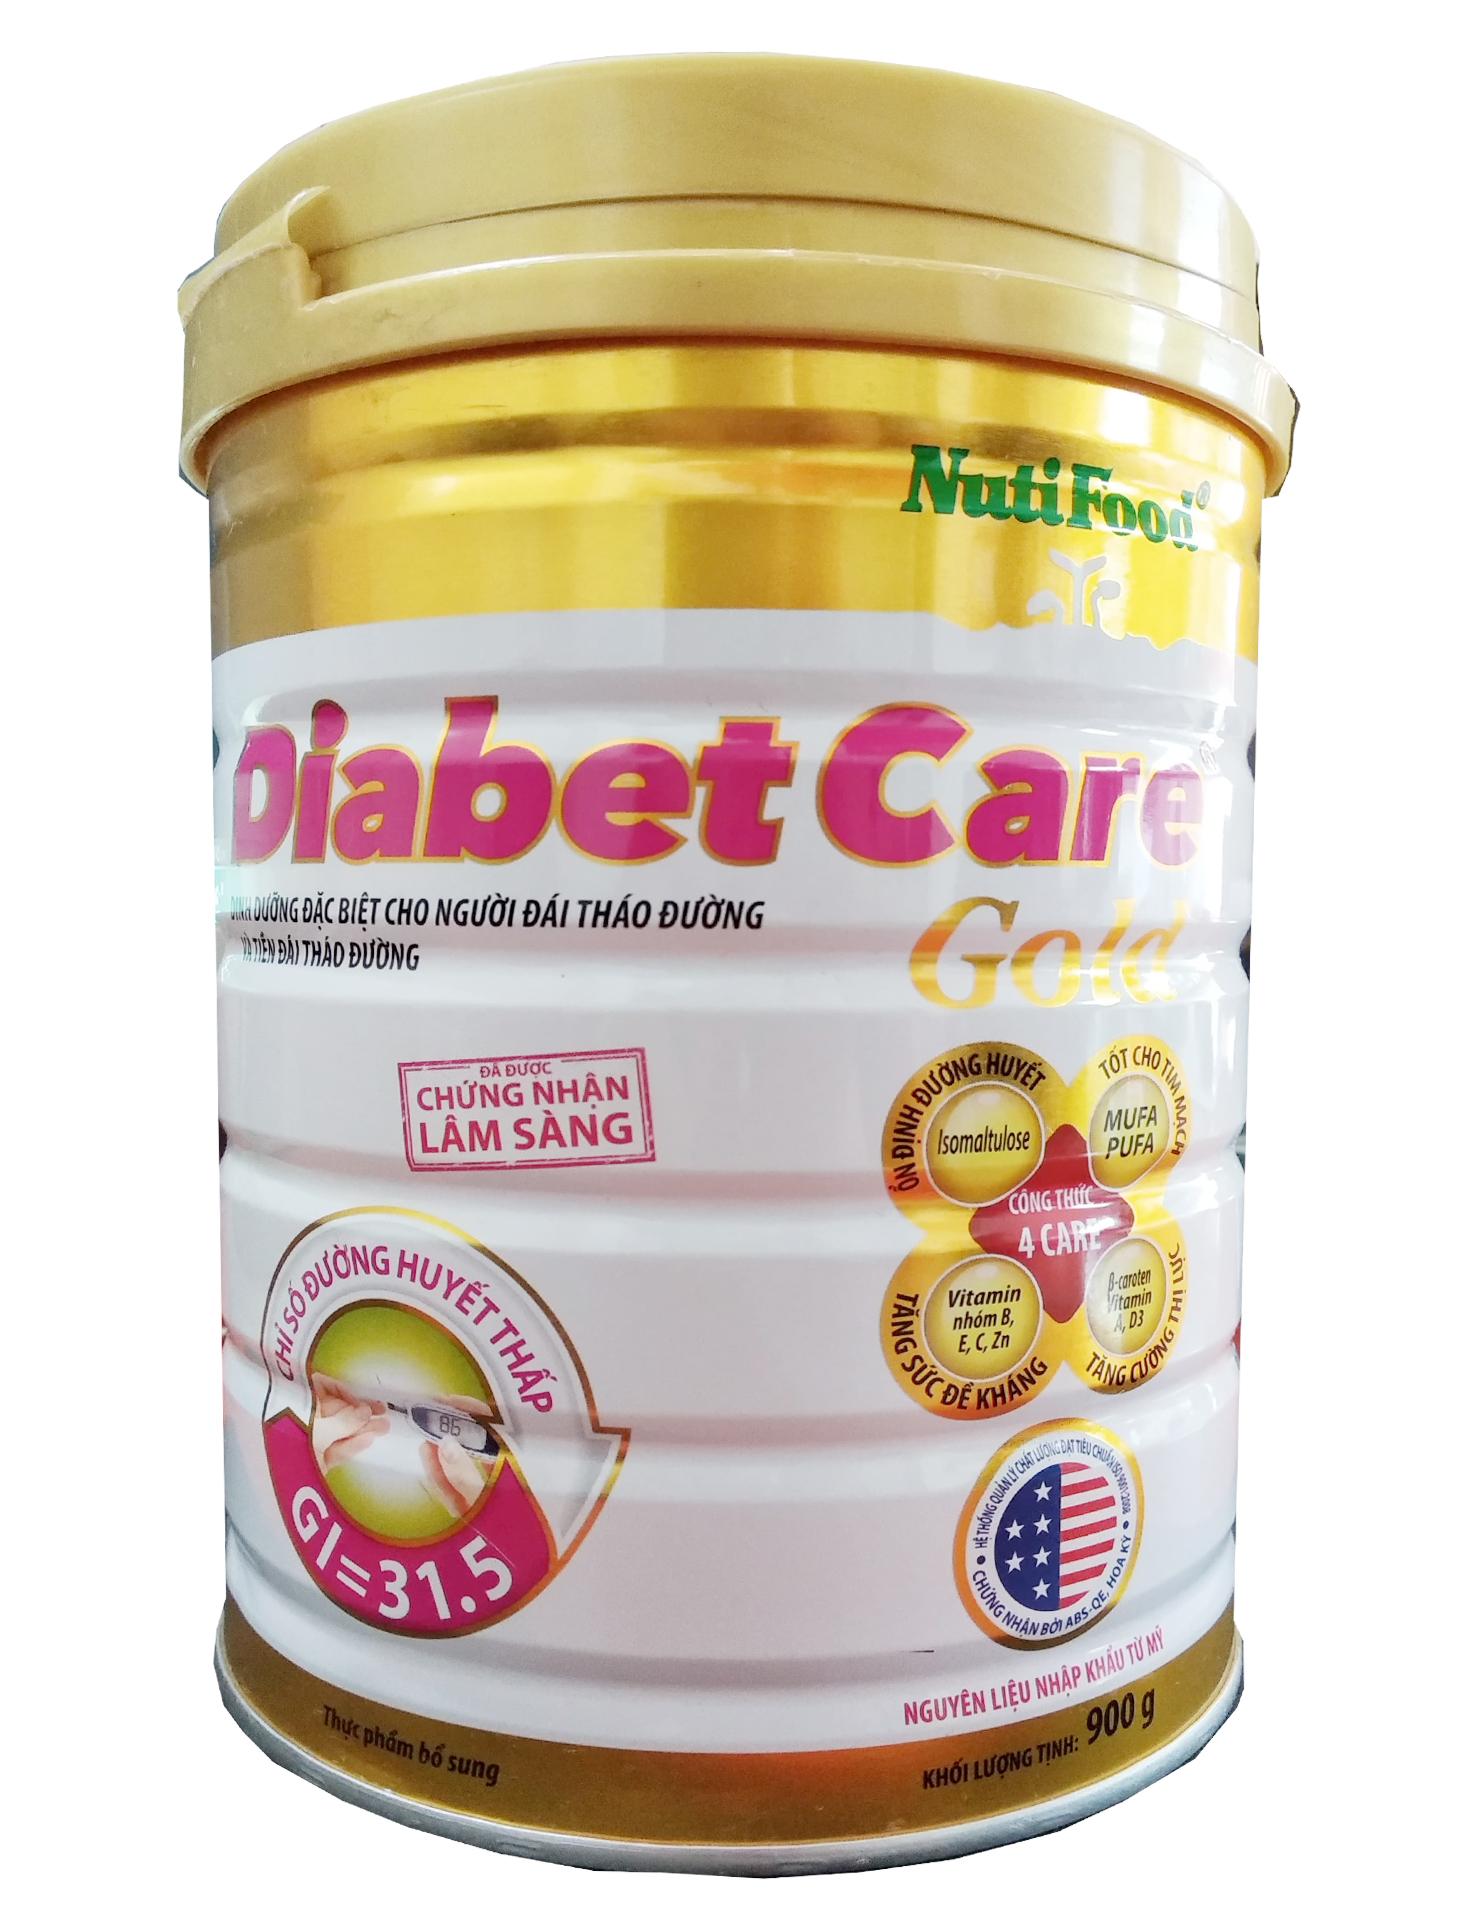 Nutifood DiabetCare Gold 900 Gr: dinh dưỡng hàng ngày cho người bị bệnh tiểu đường, đái tháo đường.